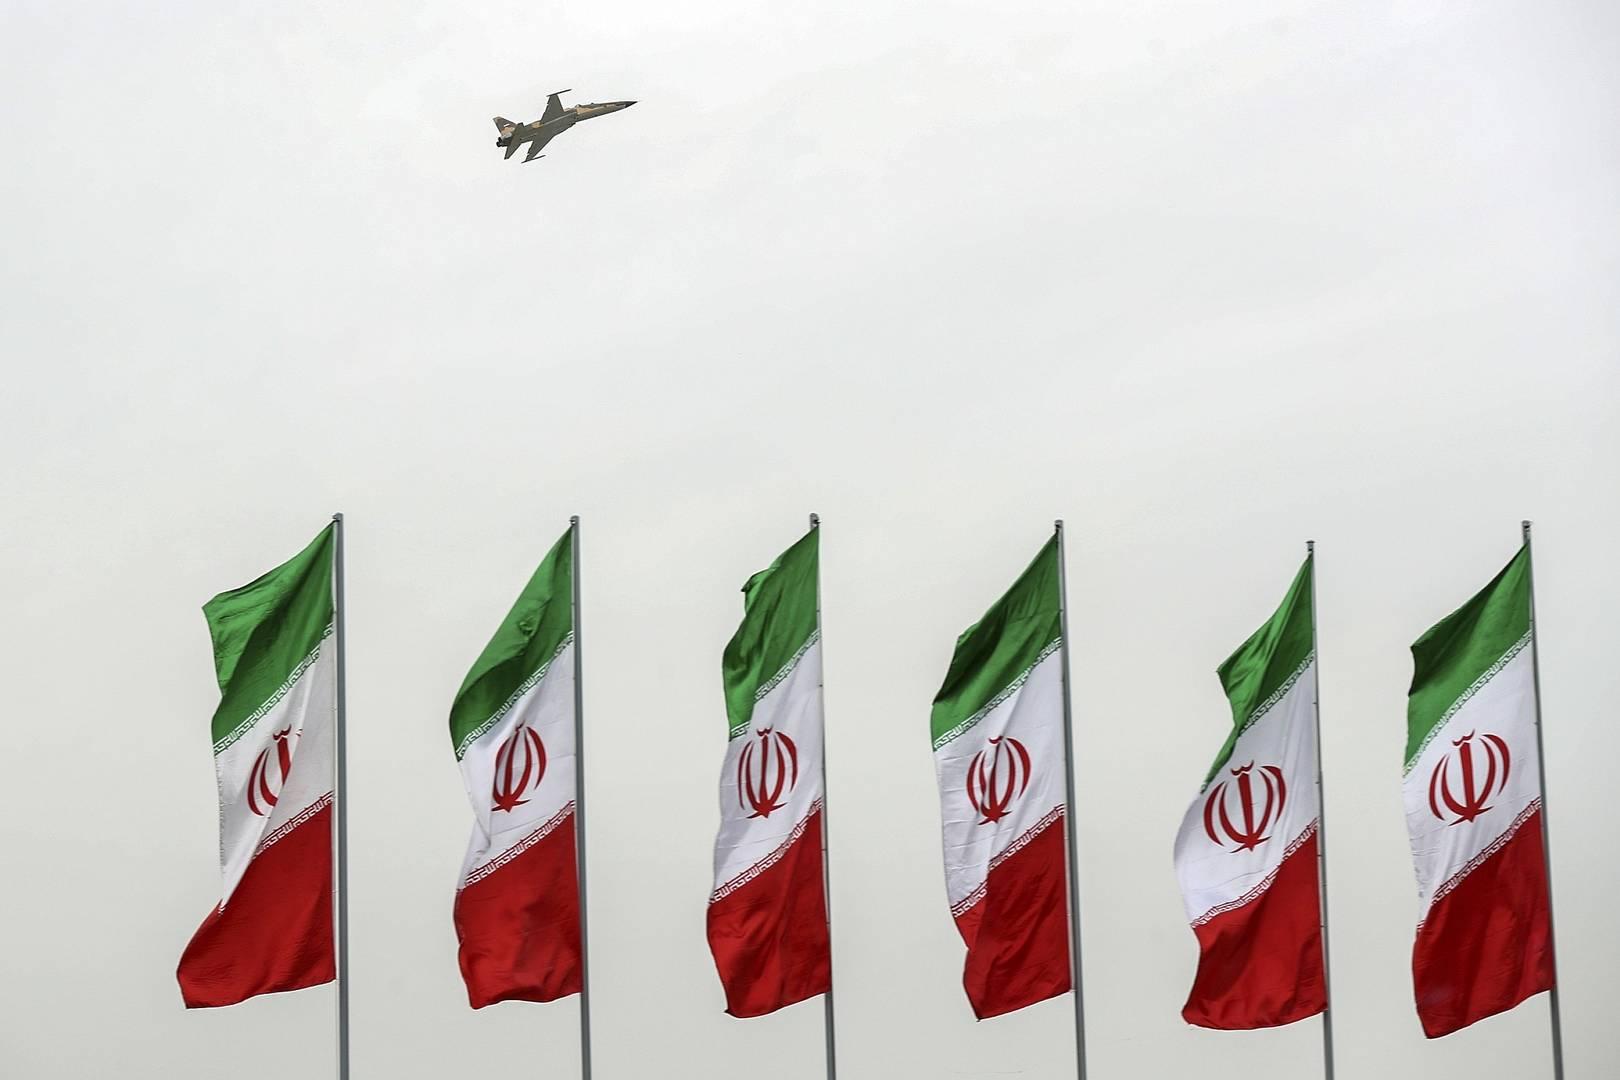 Истребитель на военном параде в Тегеране, 18 апреля 2019 г.